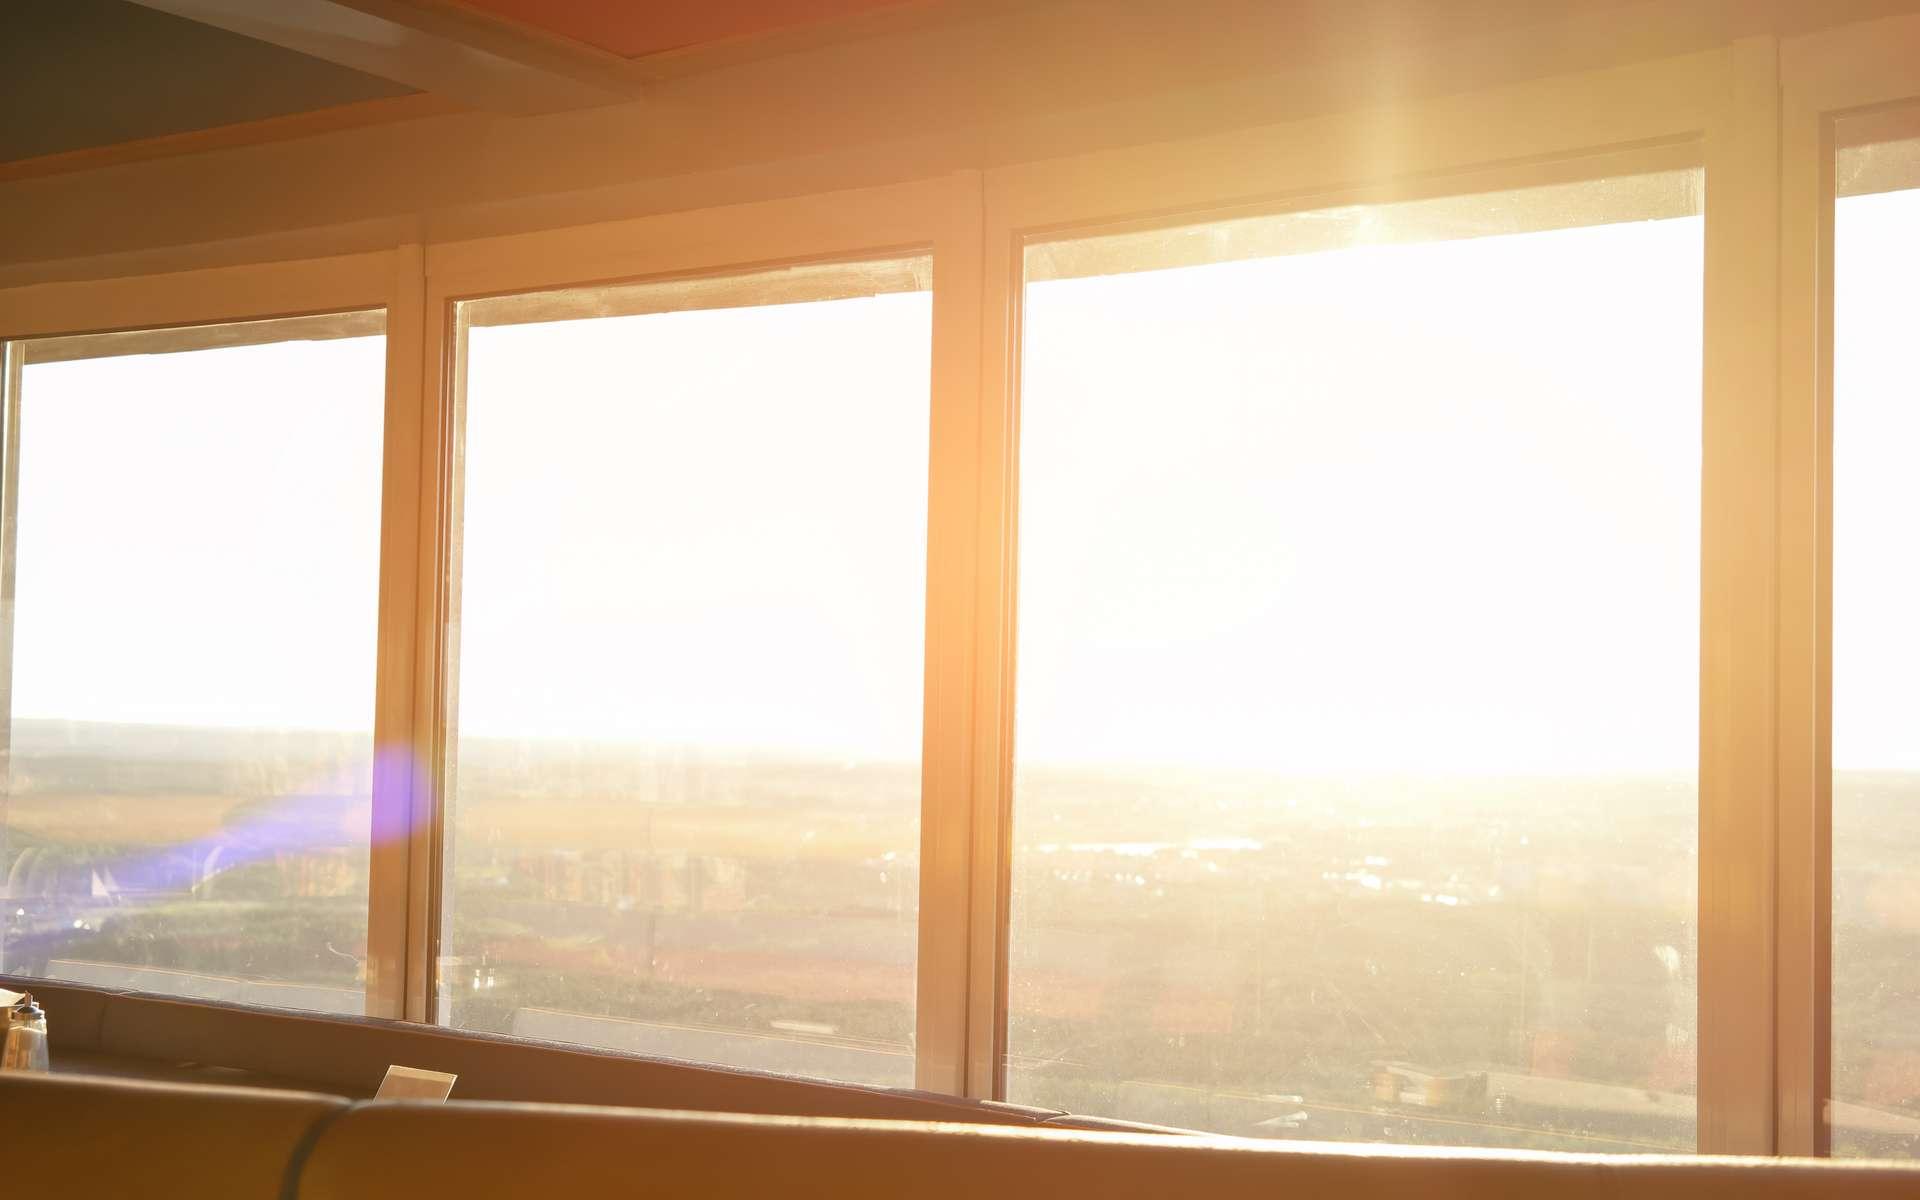 Le Soleil produit des UV, responsables du bronzage mais aussi des cancers de la peau. © DenisProduction.com, Adobe Stock